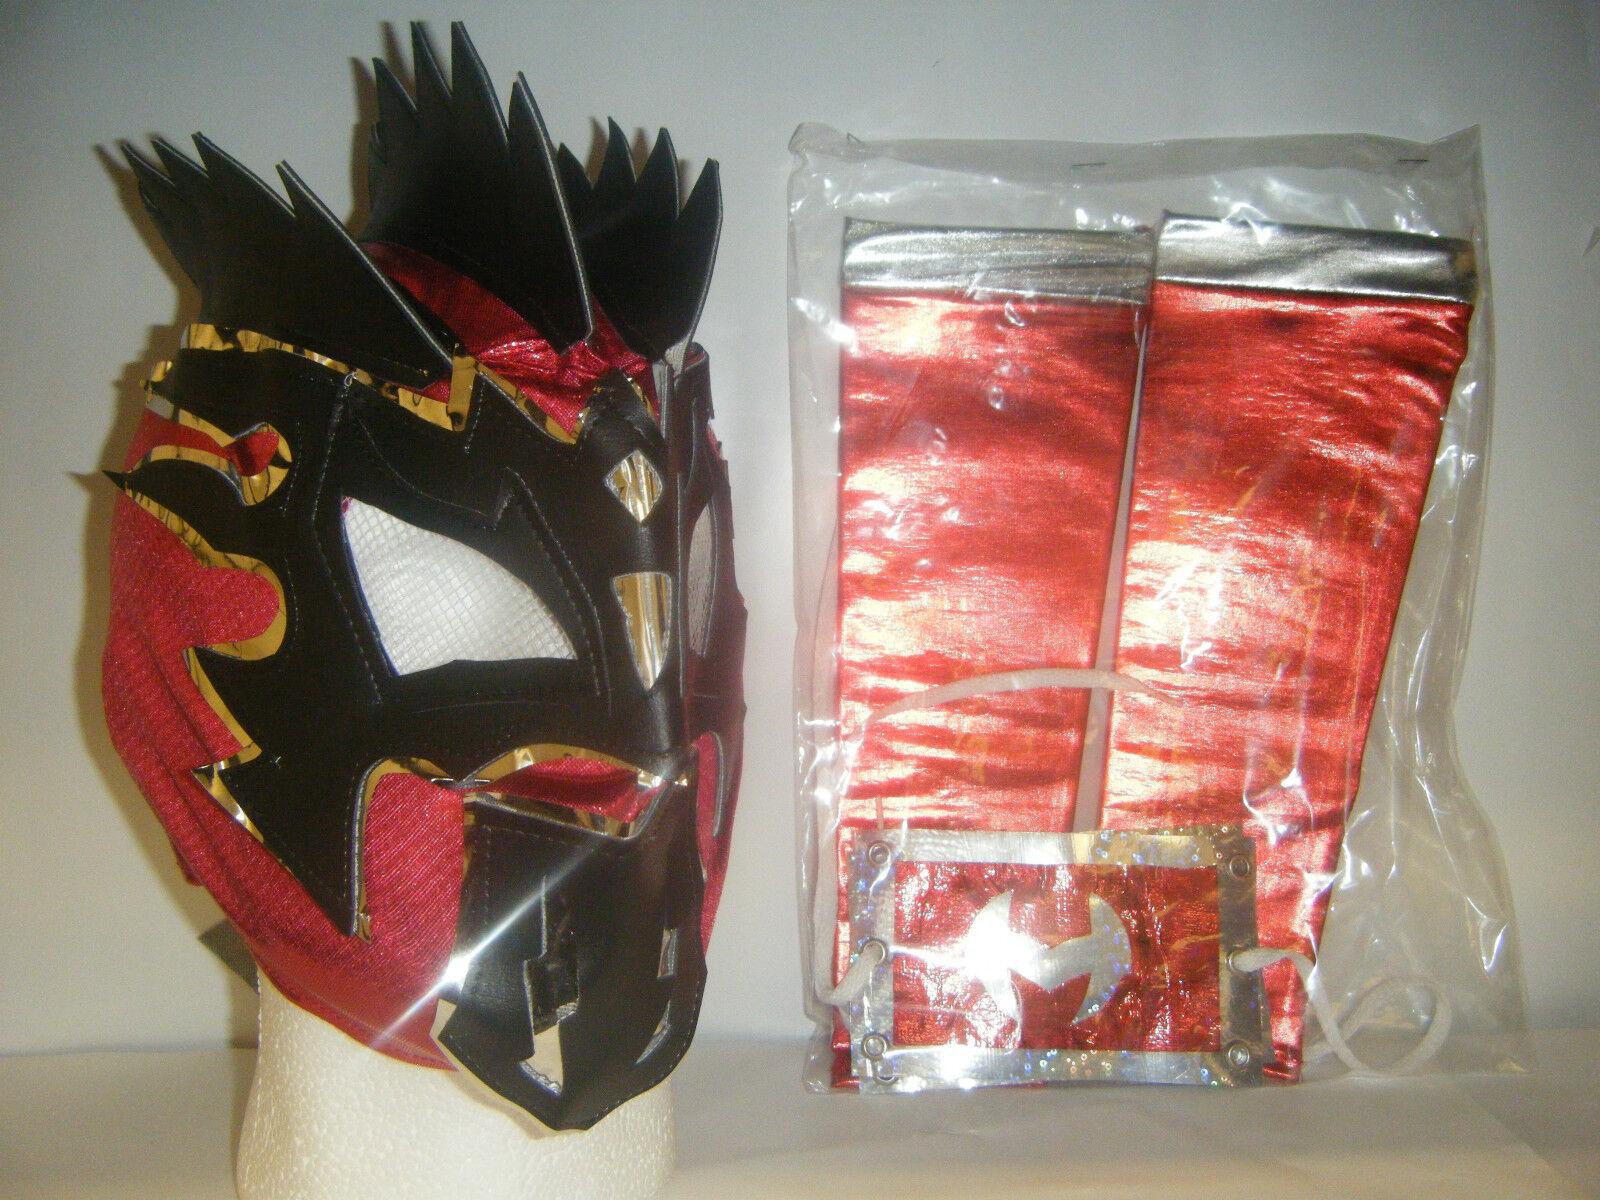 Kalisto & Arm Ärmel Kinder Wrestling Maske Kostüm Verkleidung Lucha Drachen